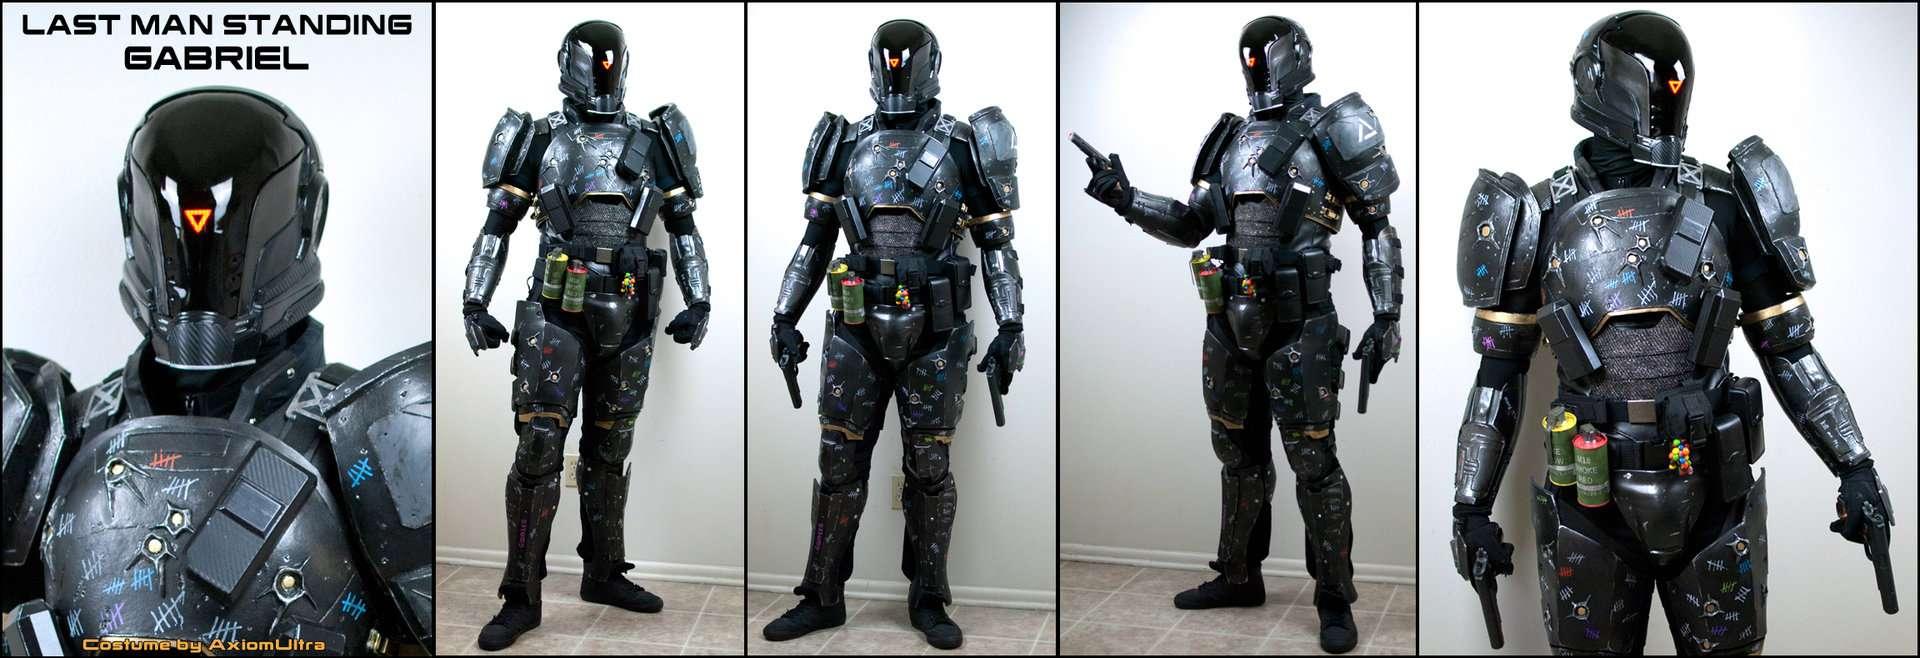 Історія одного 3d костюма